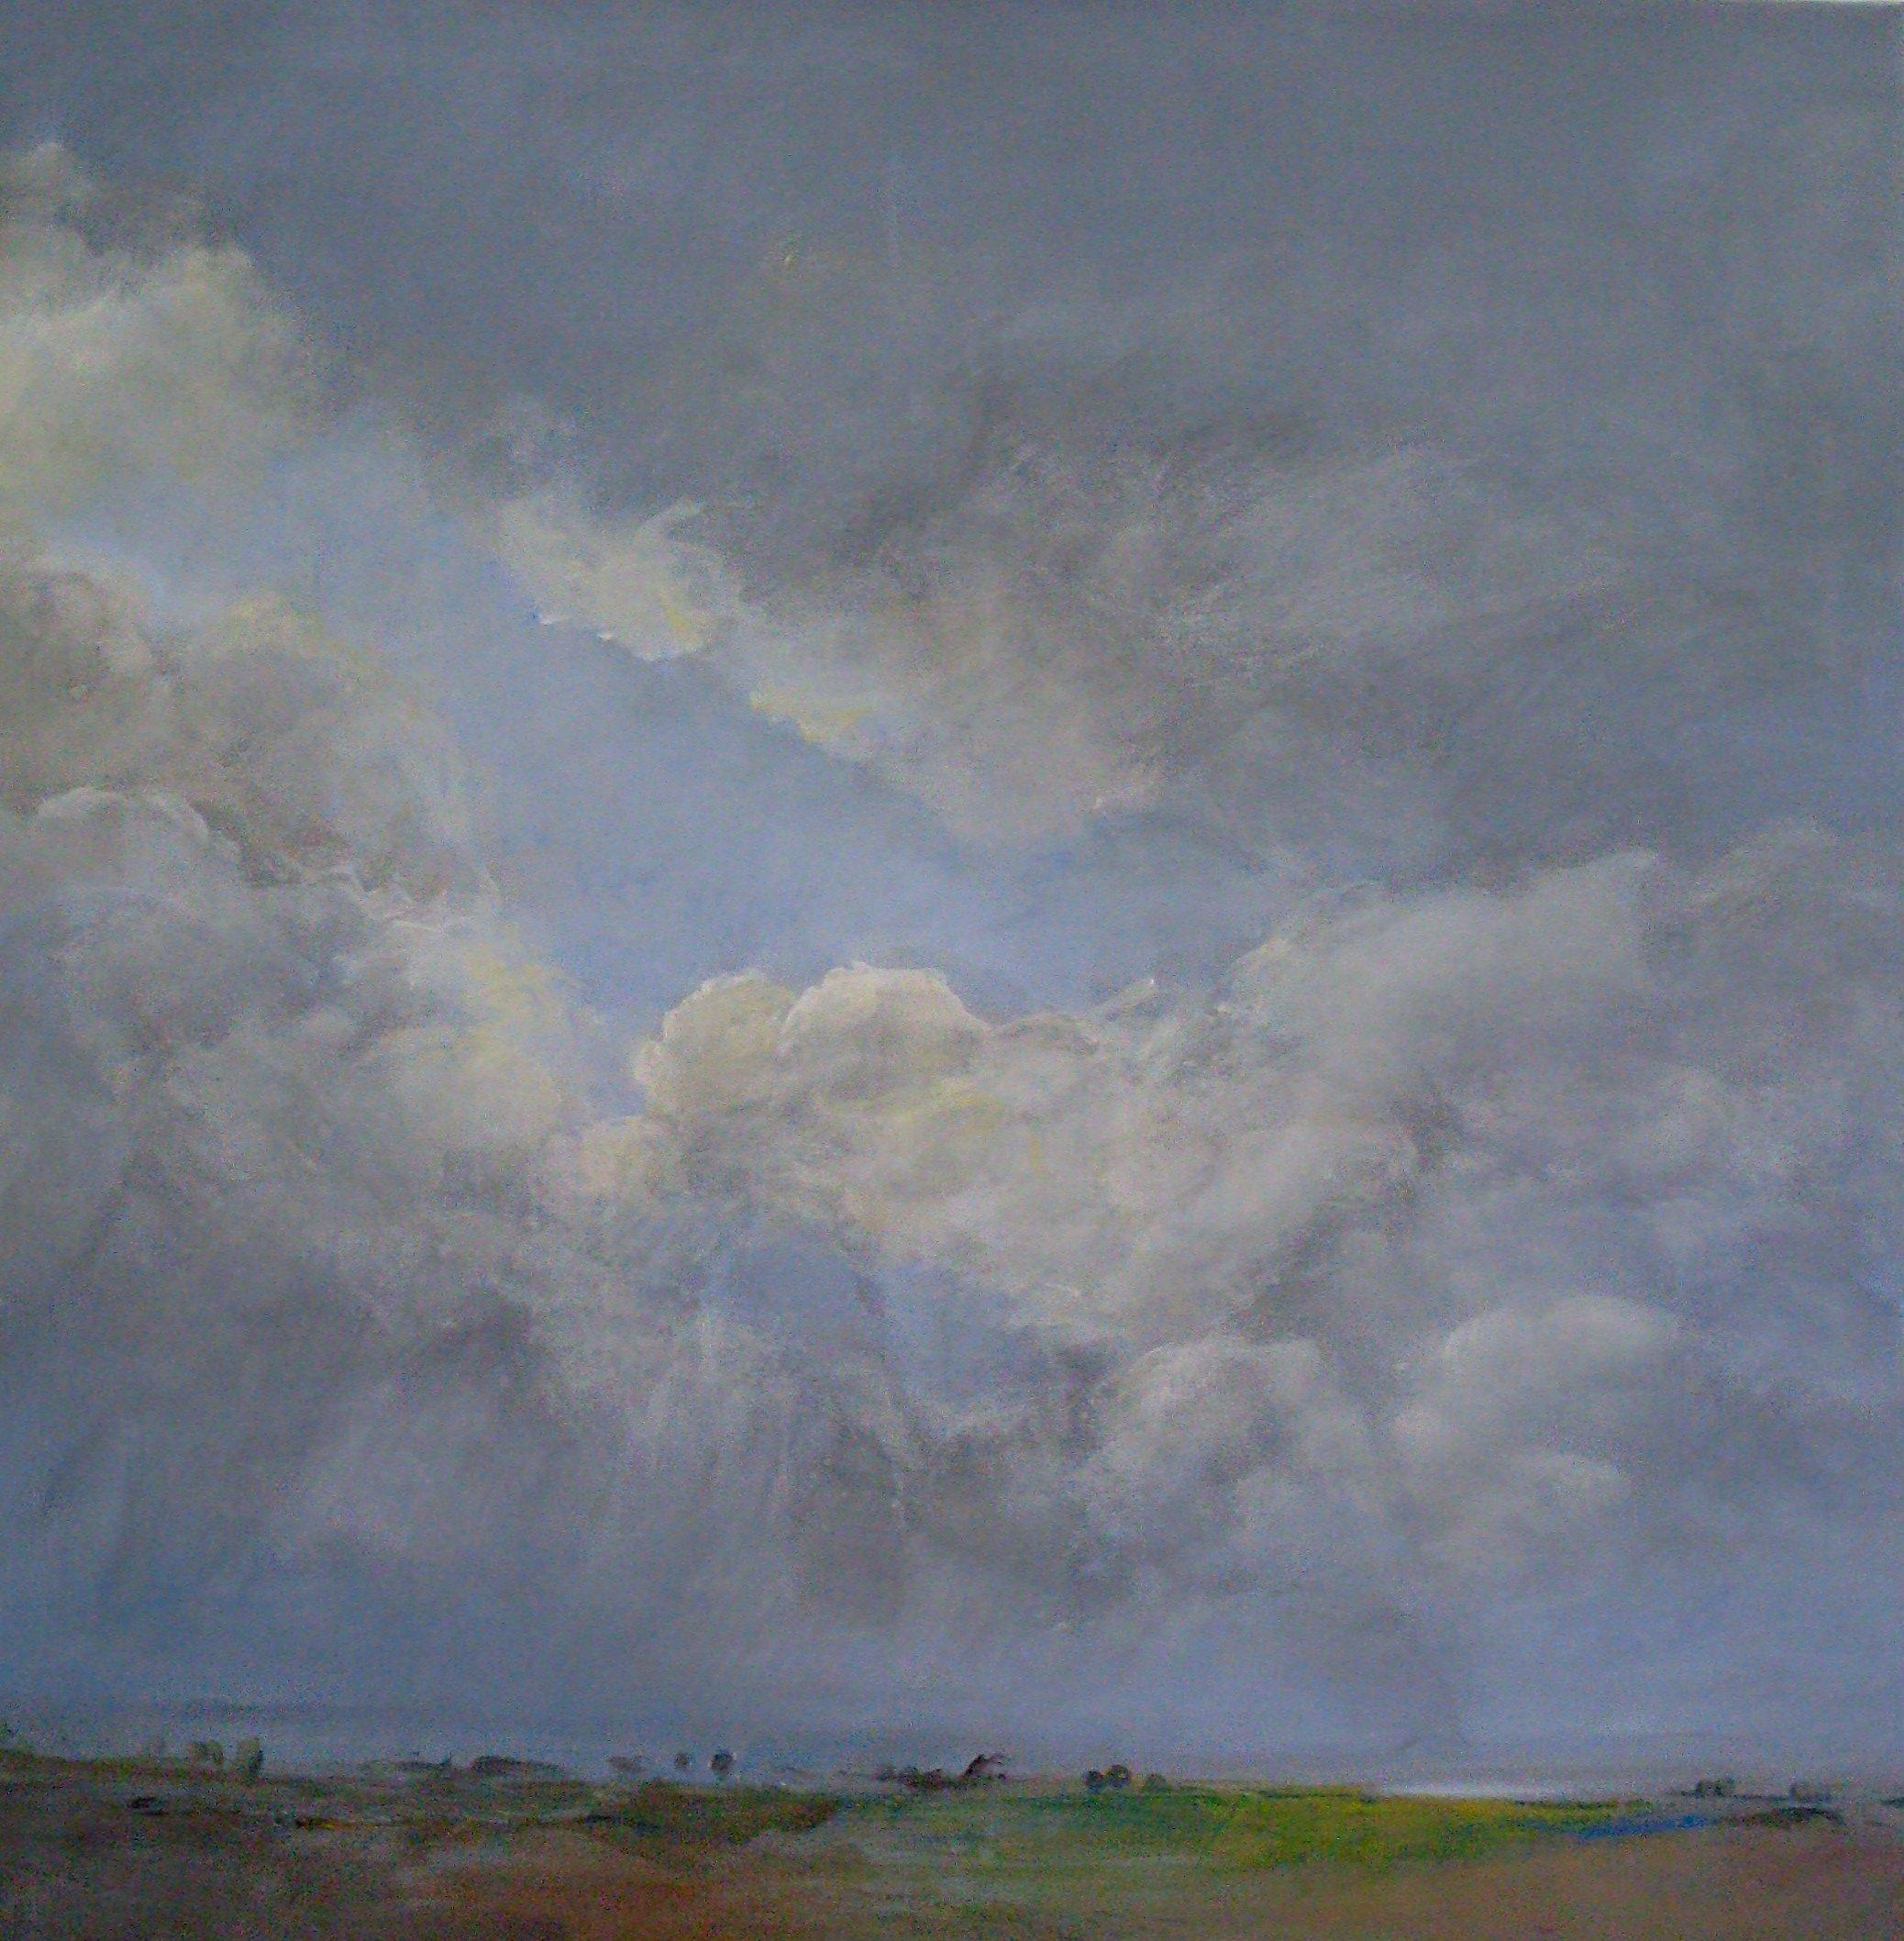 September himmel 2 Mai-Britt Schultz